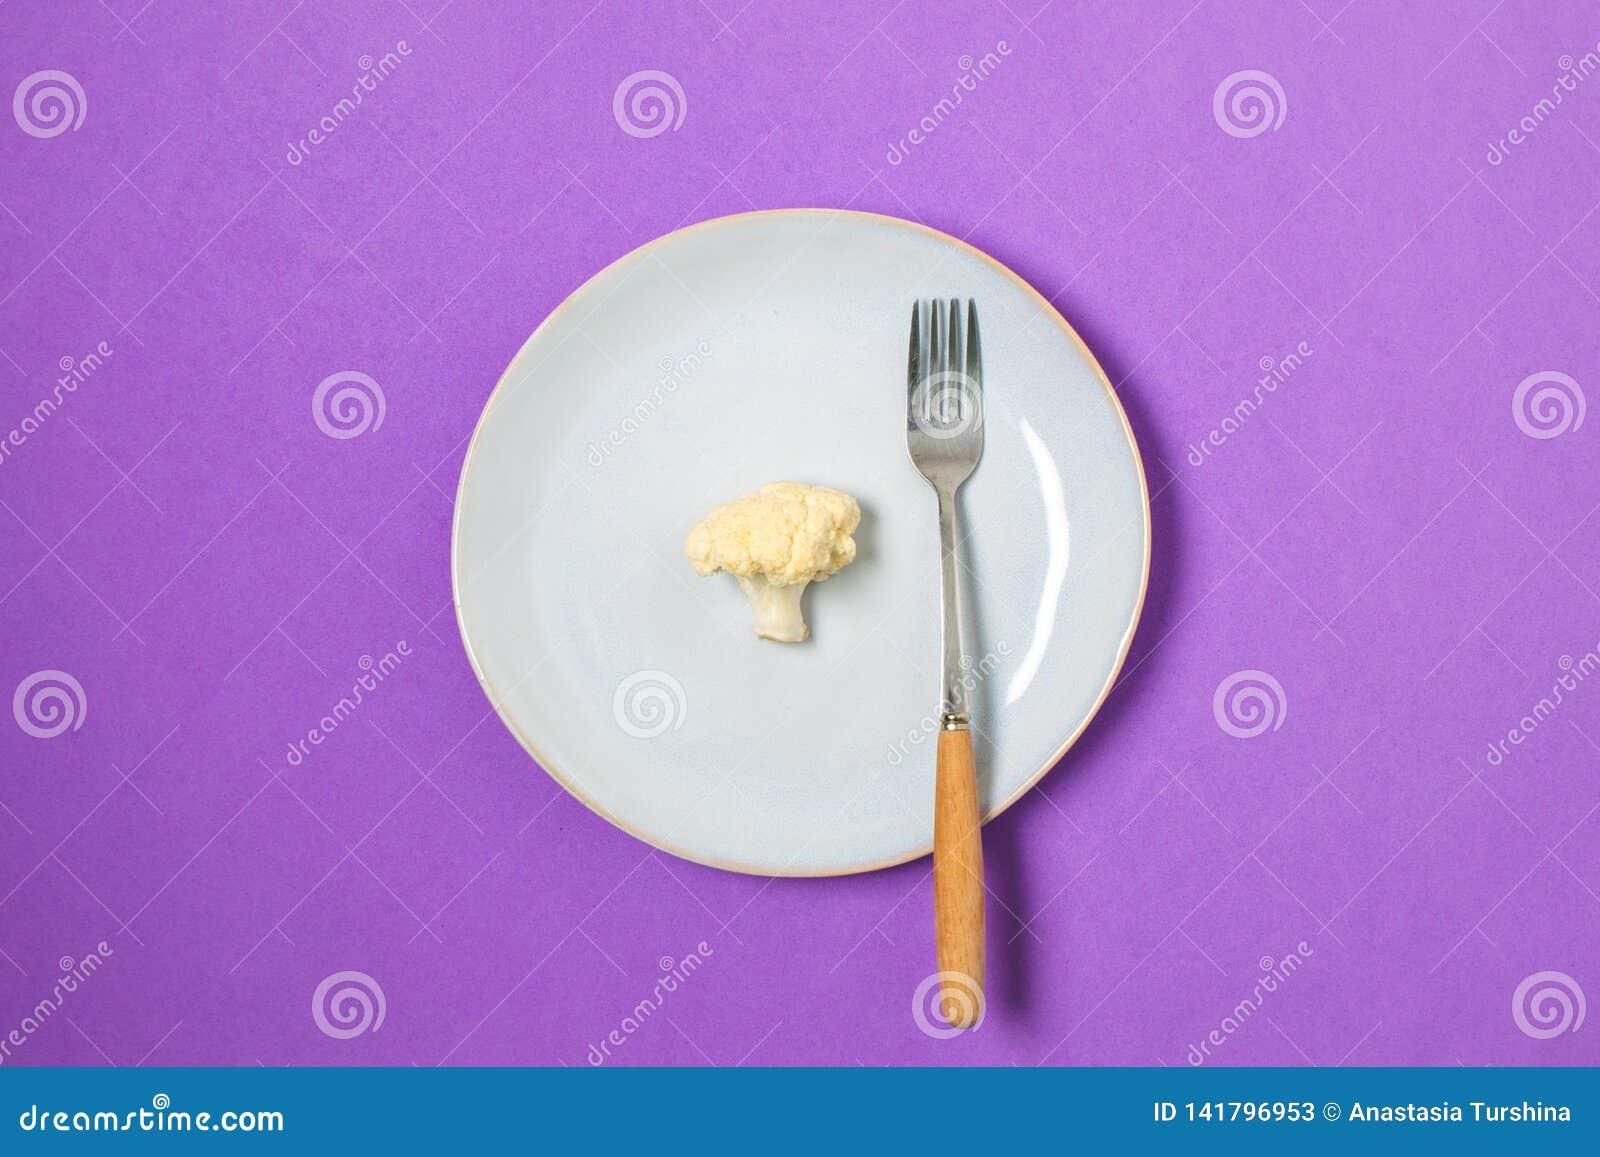 Диета, концепция потери веса минимальная, здоровая еда - цветная капуста на плите, космосе экземпляра, пурпурной предпосылке